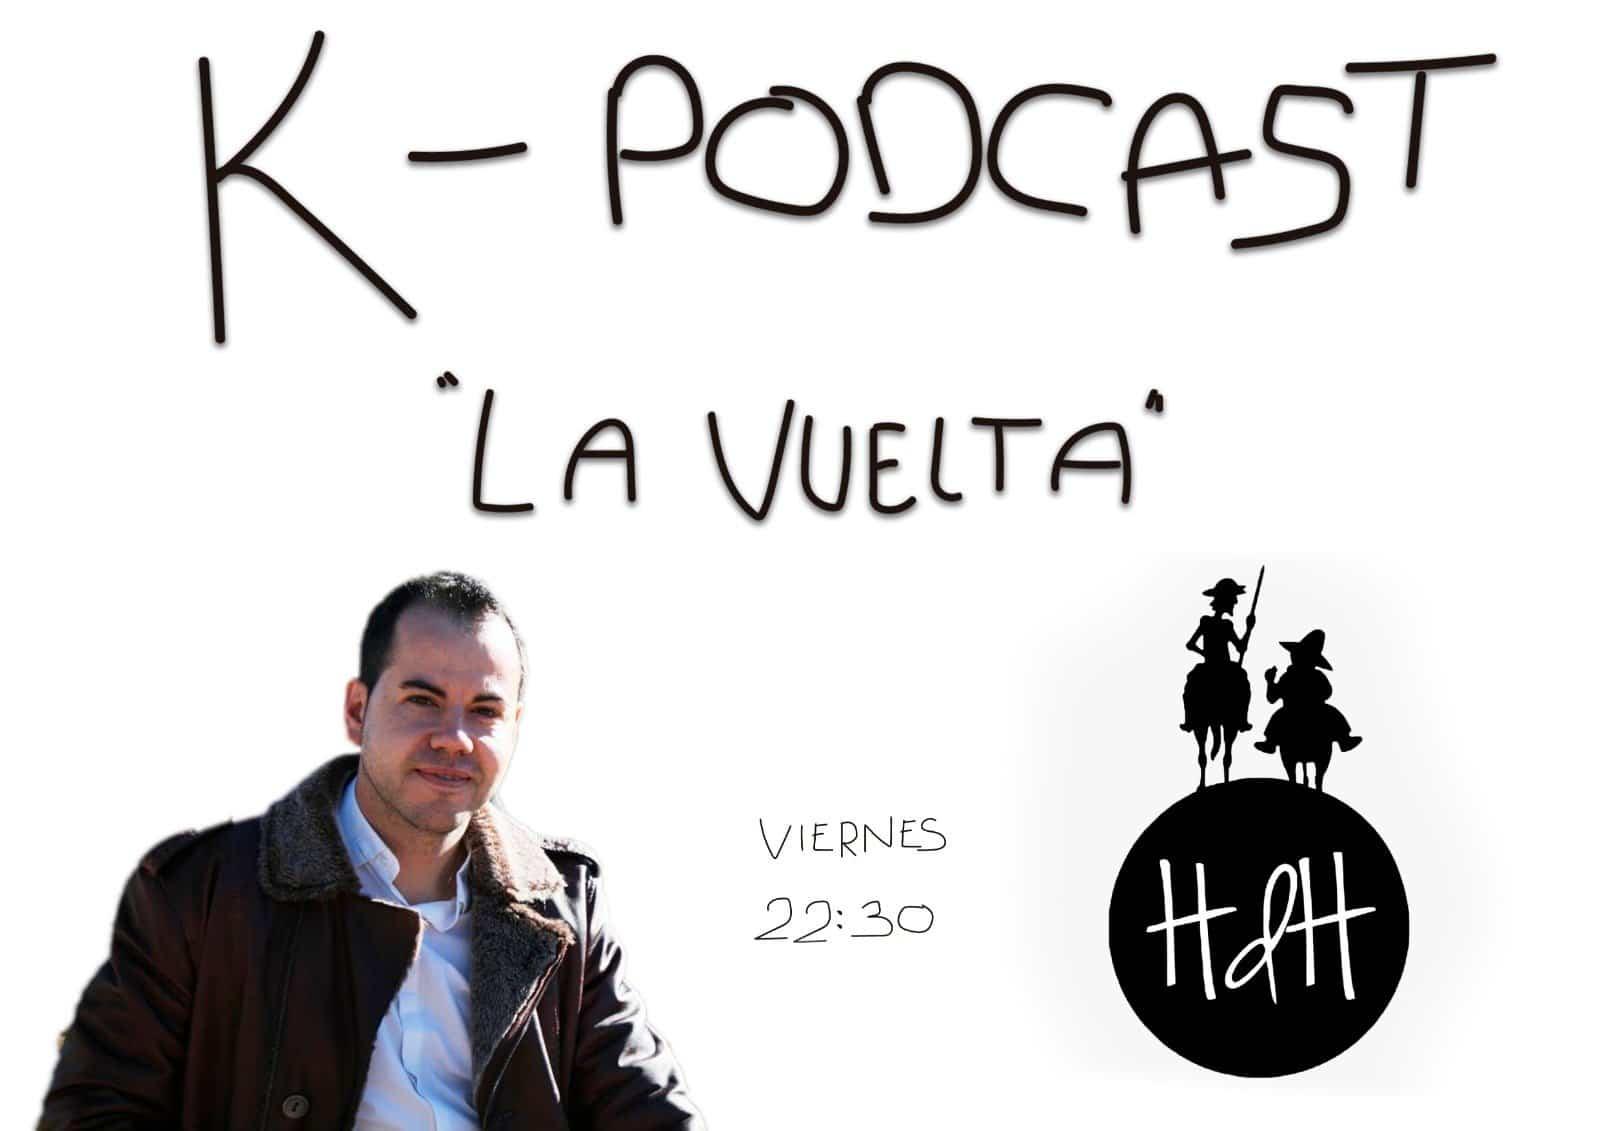 K-Podcast 2.0 regresa para entrevistar a Sergio García Navas y a Víctor GarcíaHidalgo 4